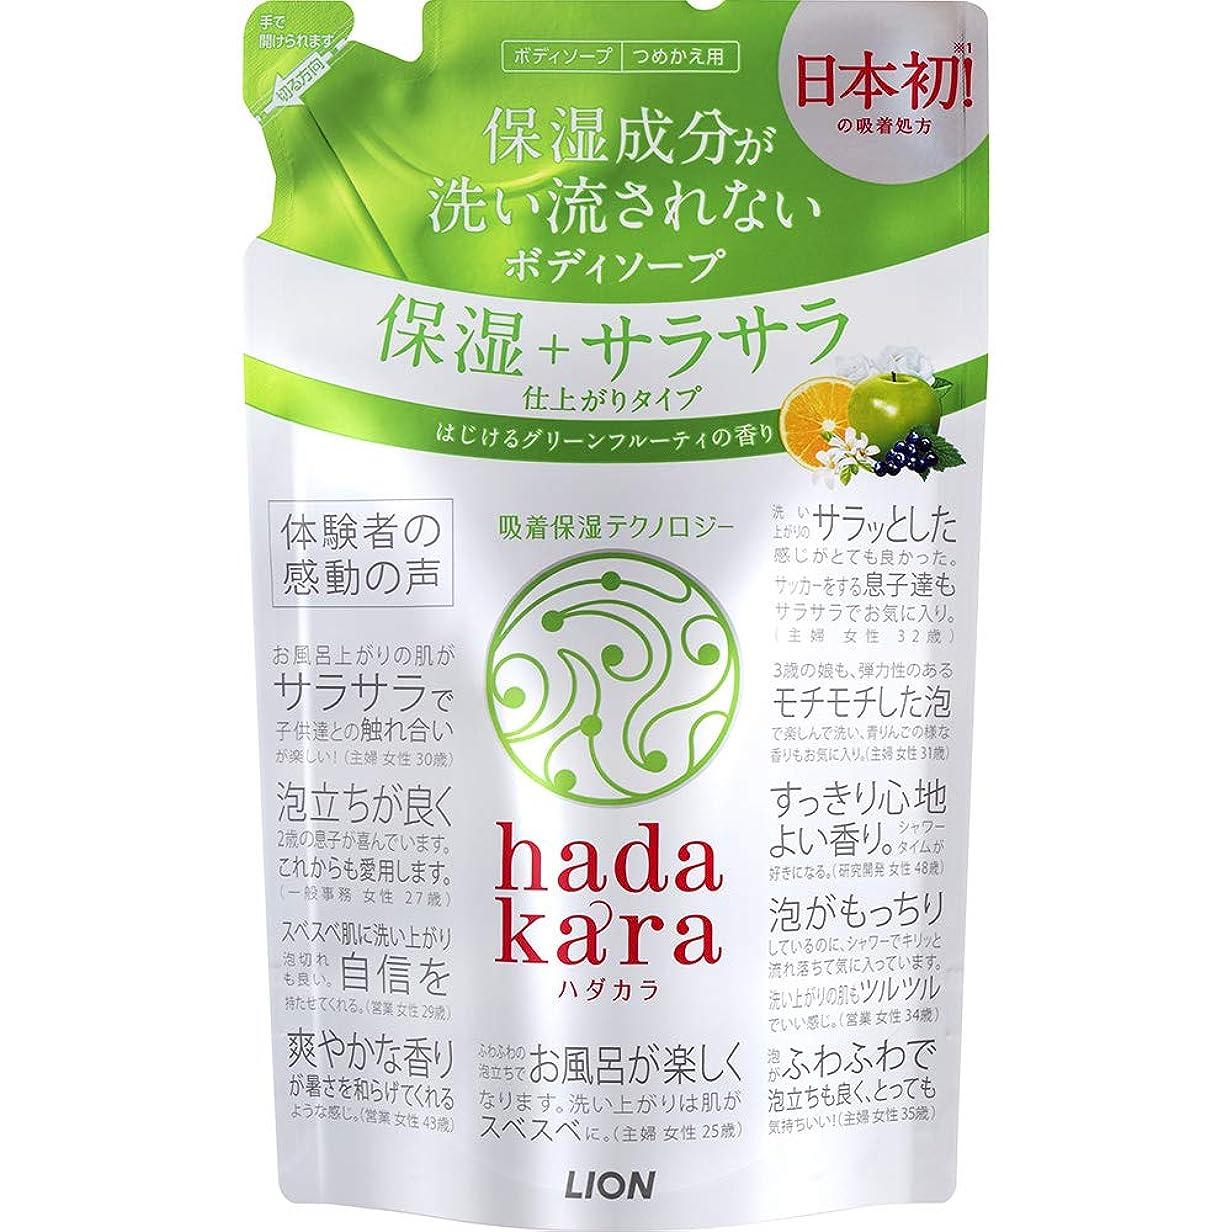 カレッジエントリ著名なhadakara(ハダカラ) ボディソープ 保湿+サラサラ仕上がりタイプ グリーンフルーティの香り 詰め替え 340ml